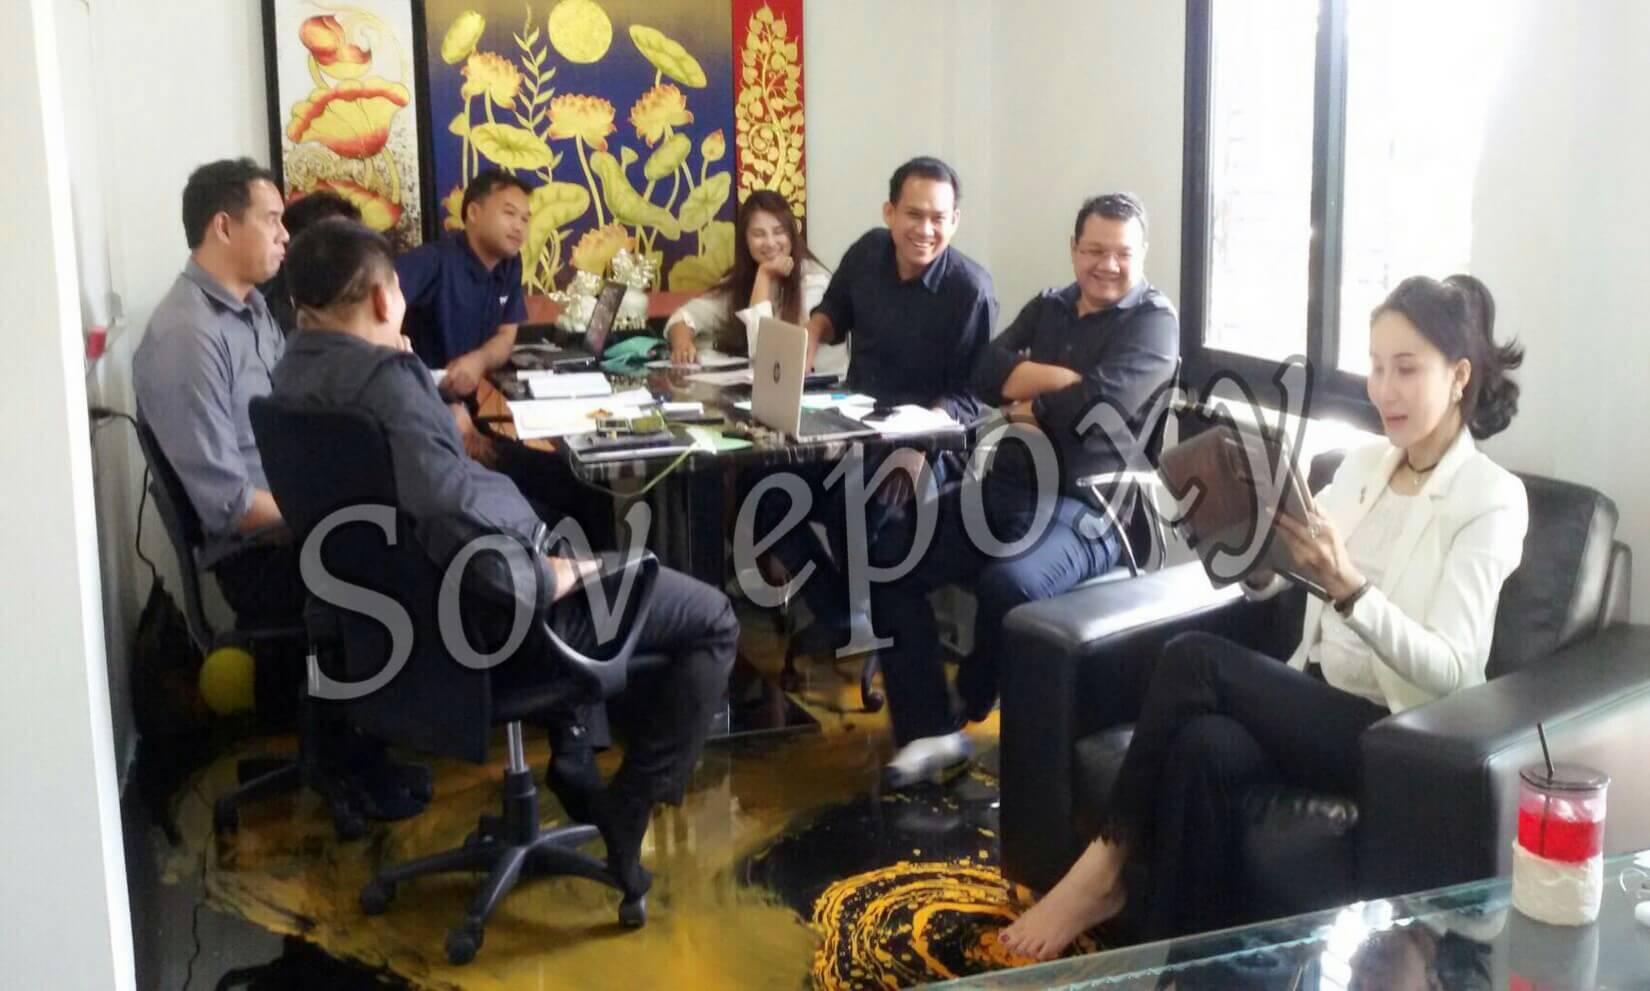 ประชุมยอดขาย SOV EPOXY 9